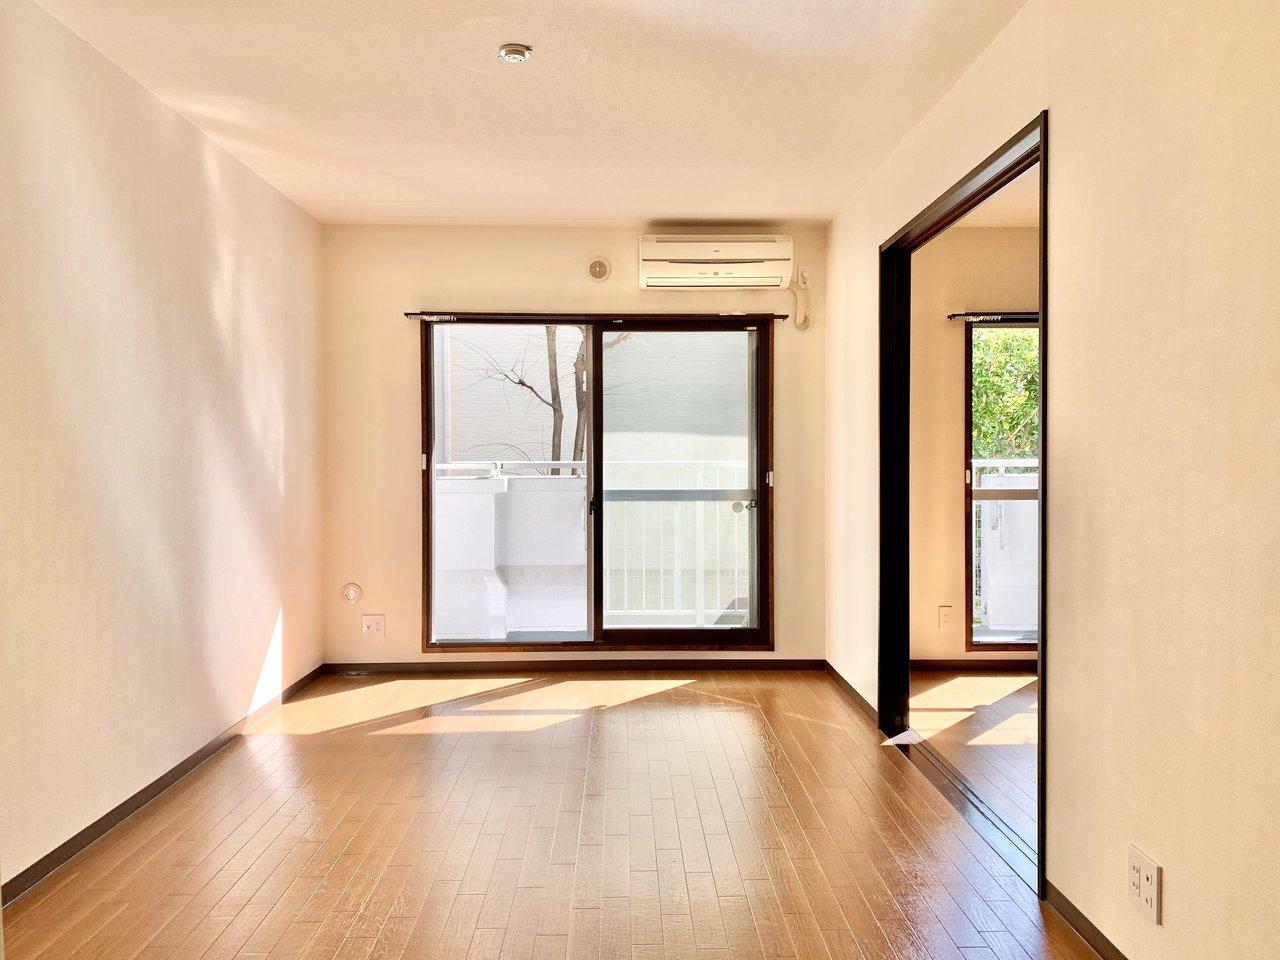 最後は洋室2部屋がどちらも大きな窓がついている、こちらのお部屋。リビングと続く方を書斎にするイメージですね。窓からグリーンが臨めるのも気持ちよさそう!